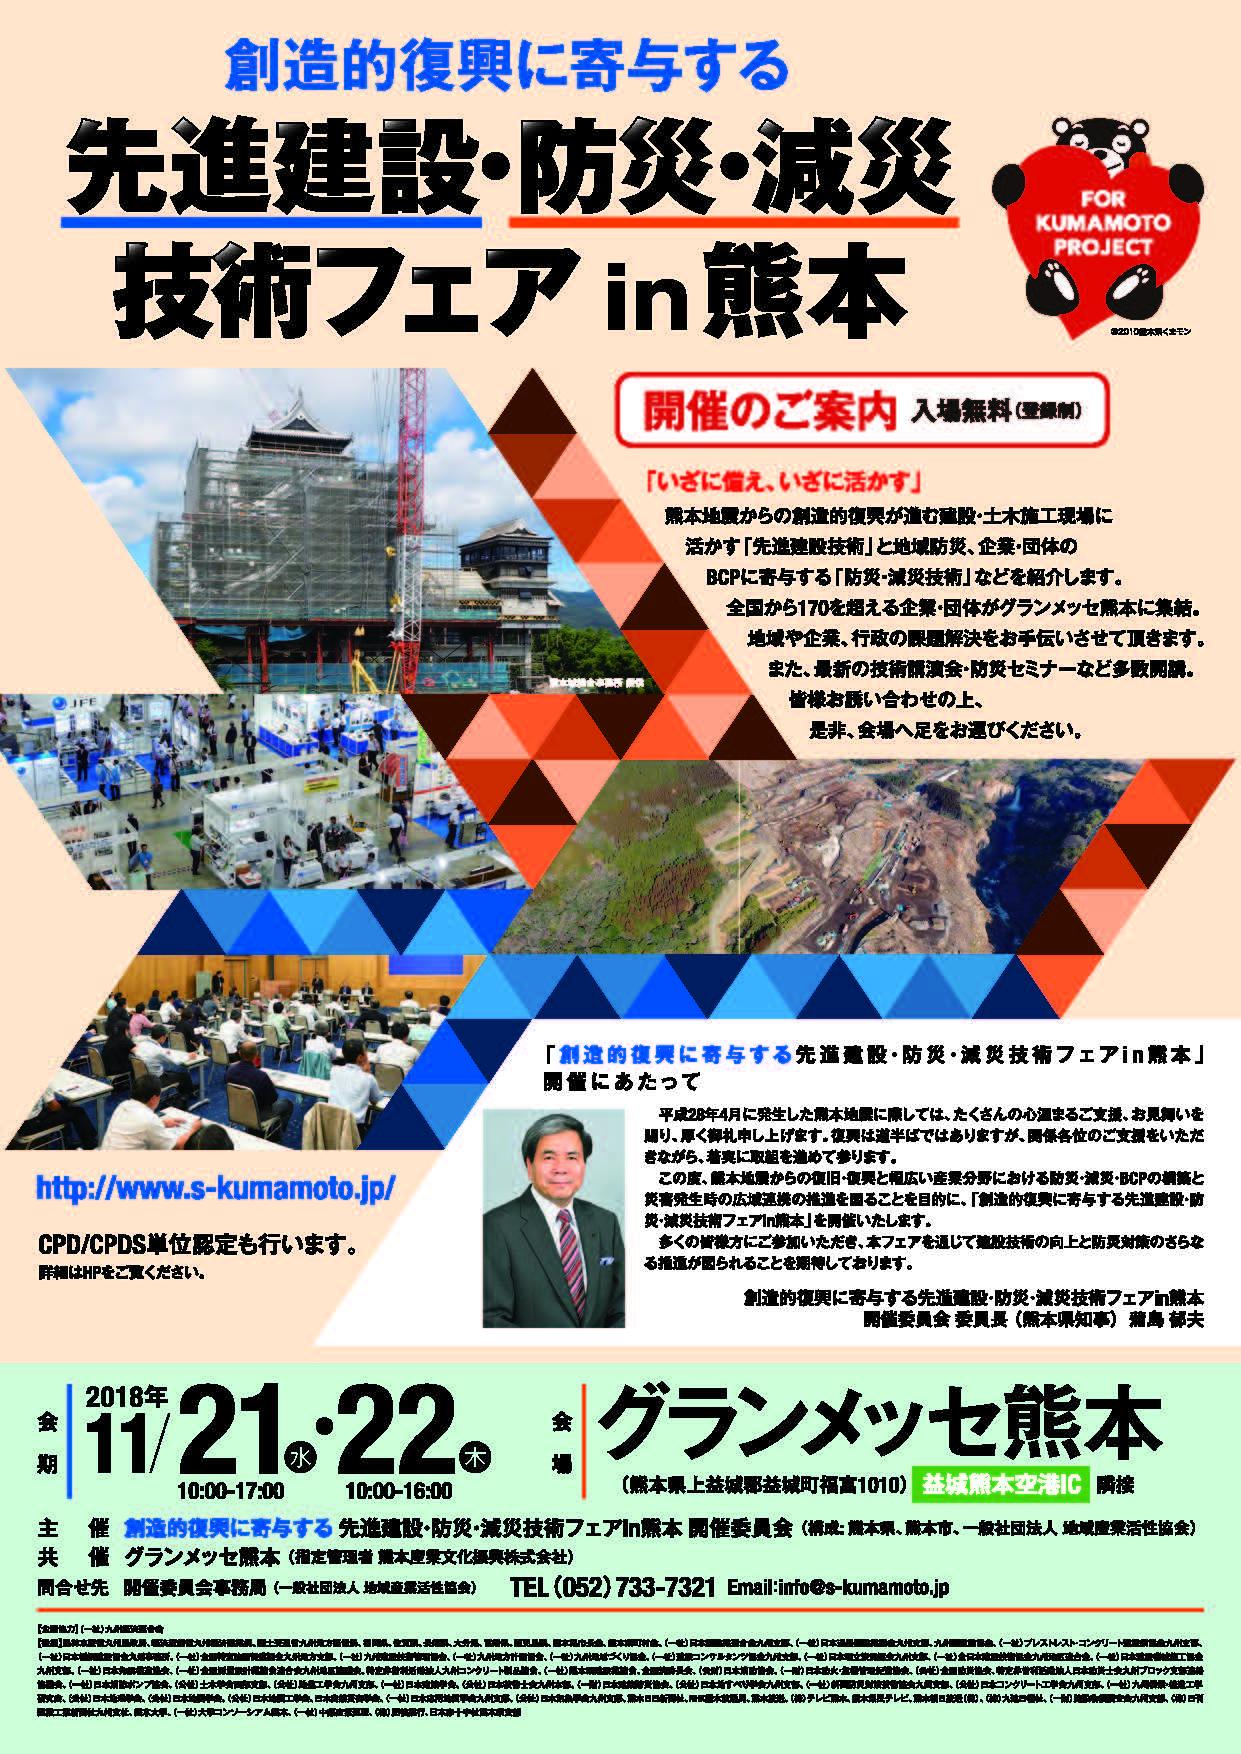 「先進建設・防災・減災技術フェアin熊本」